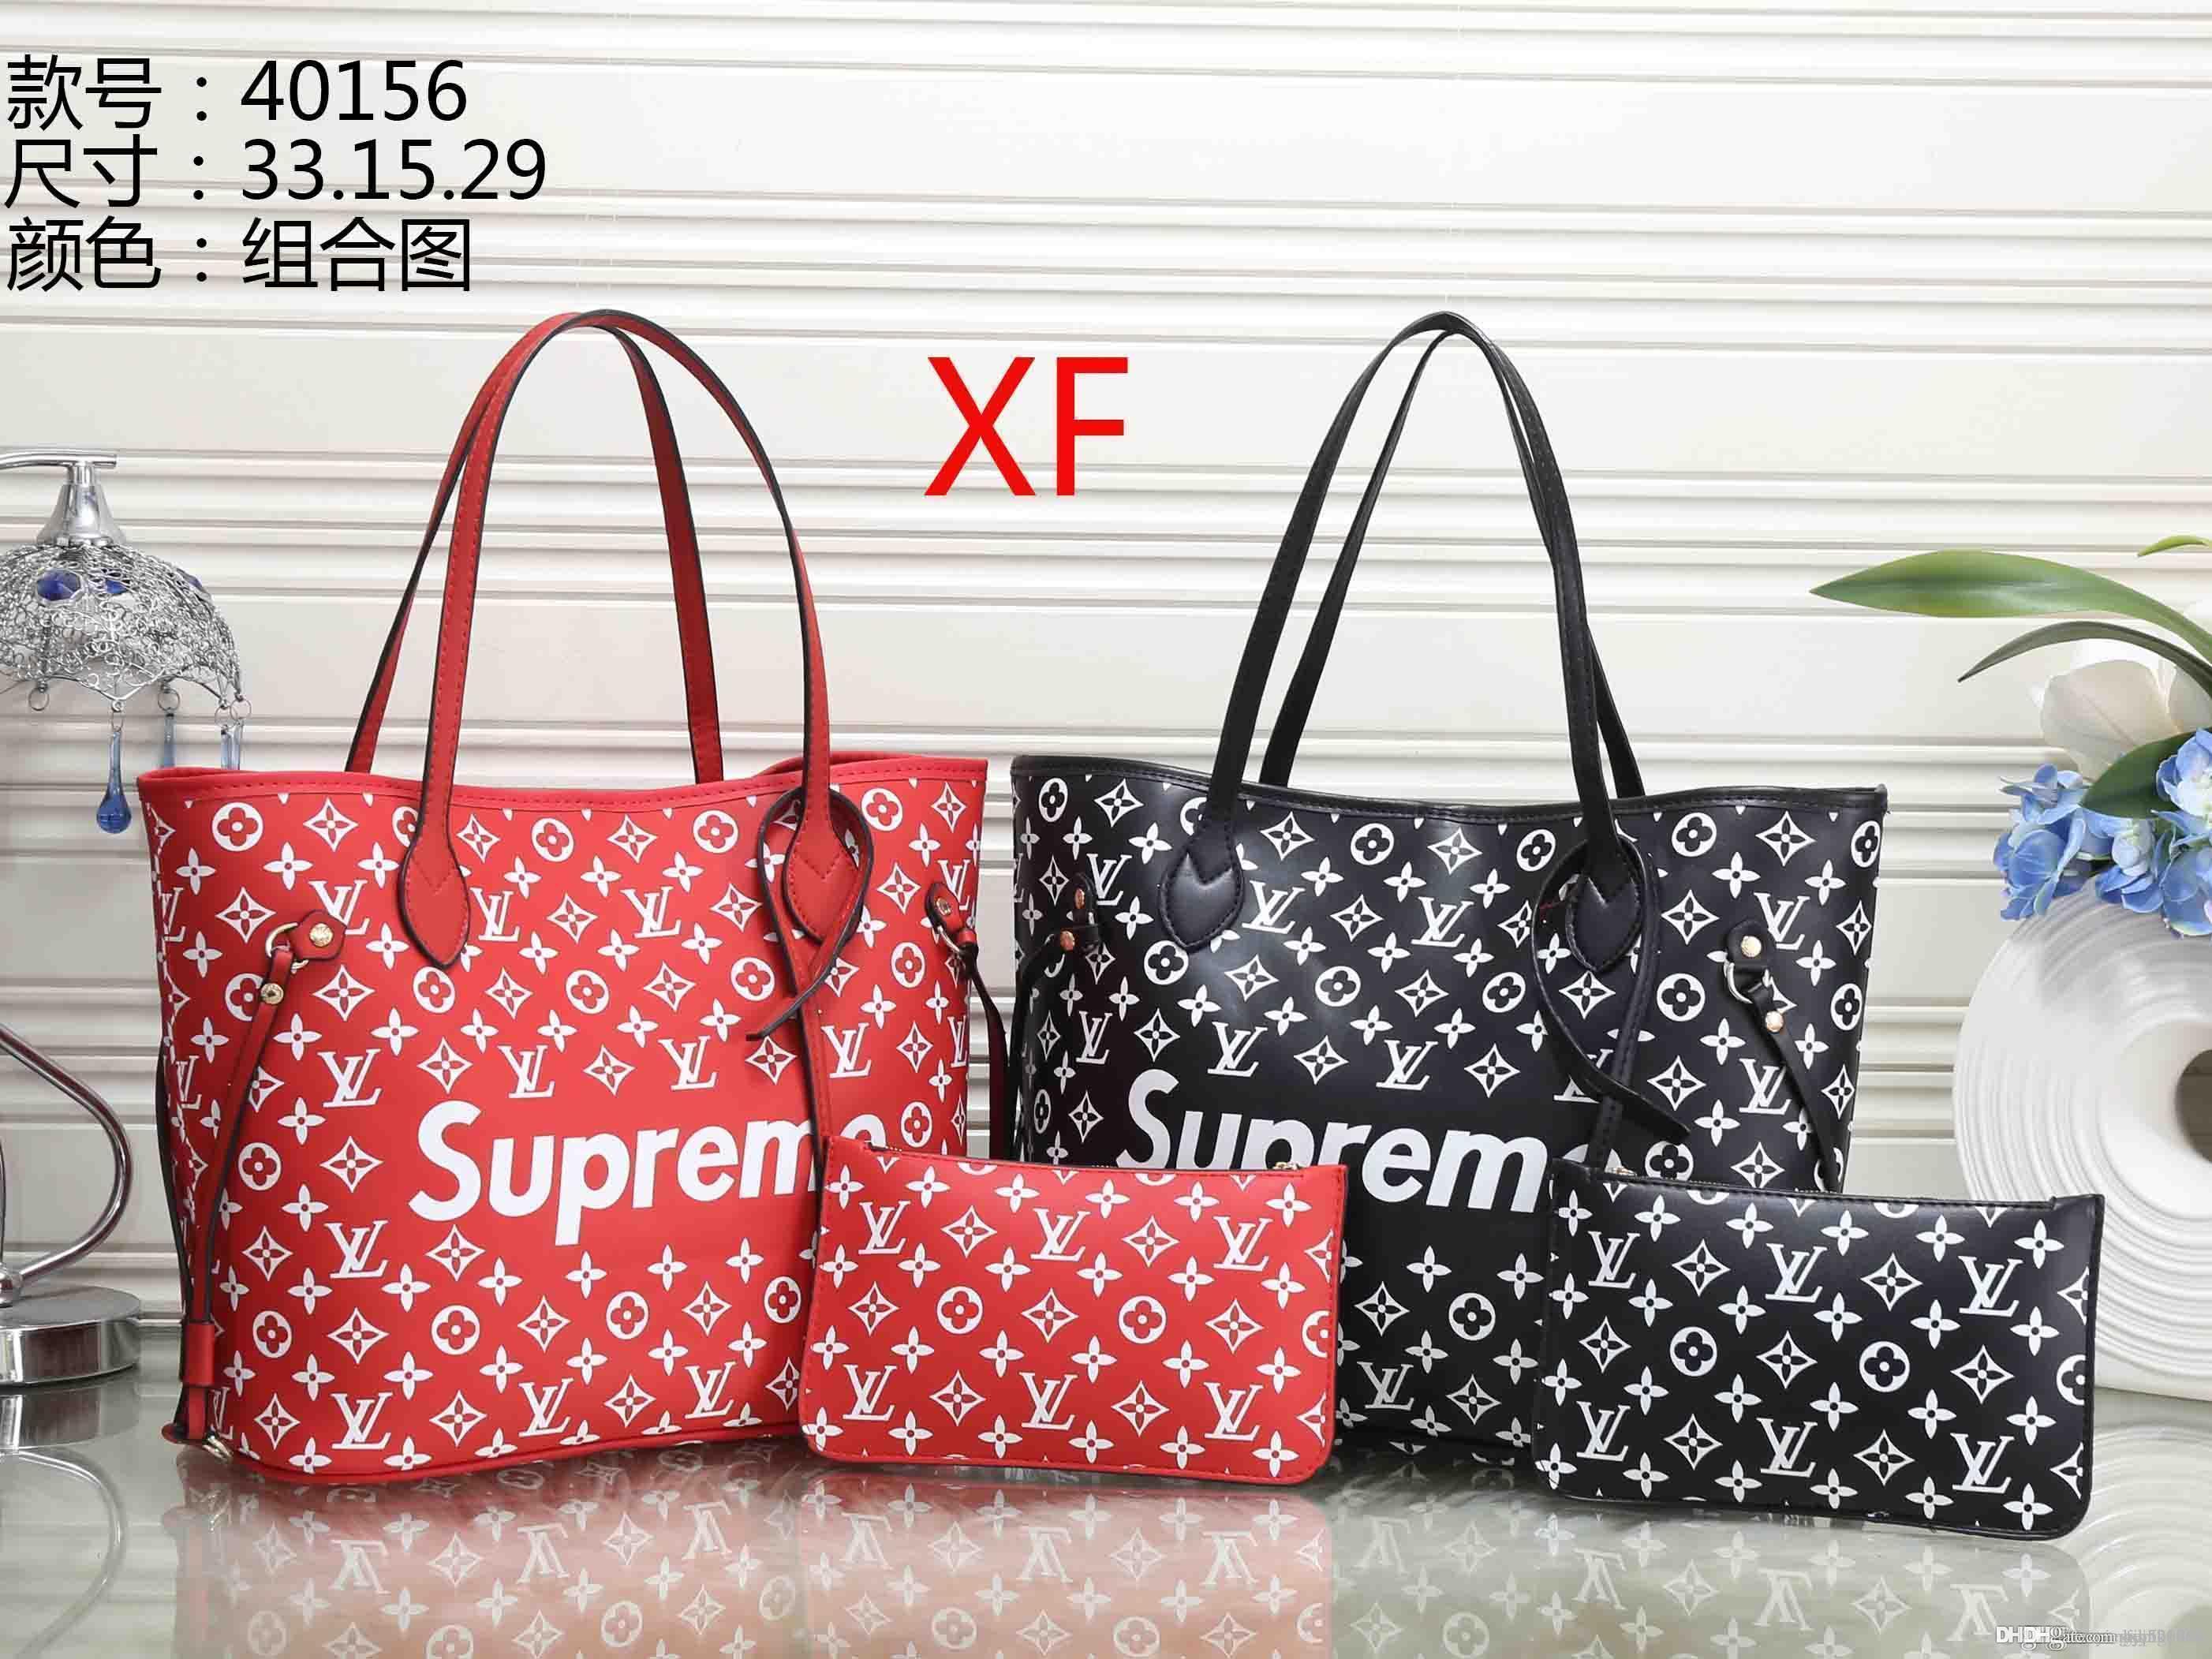 2018 NEW Styles Fashion Bags Ladies Handbags Designer Bags Women ... 9c1ba0a917f99